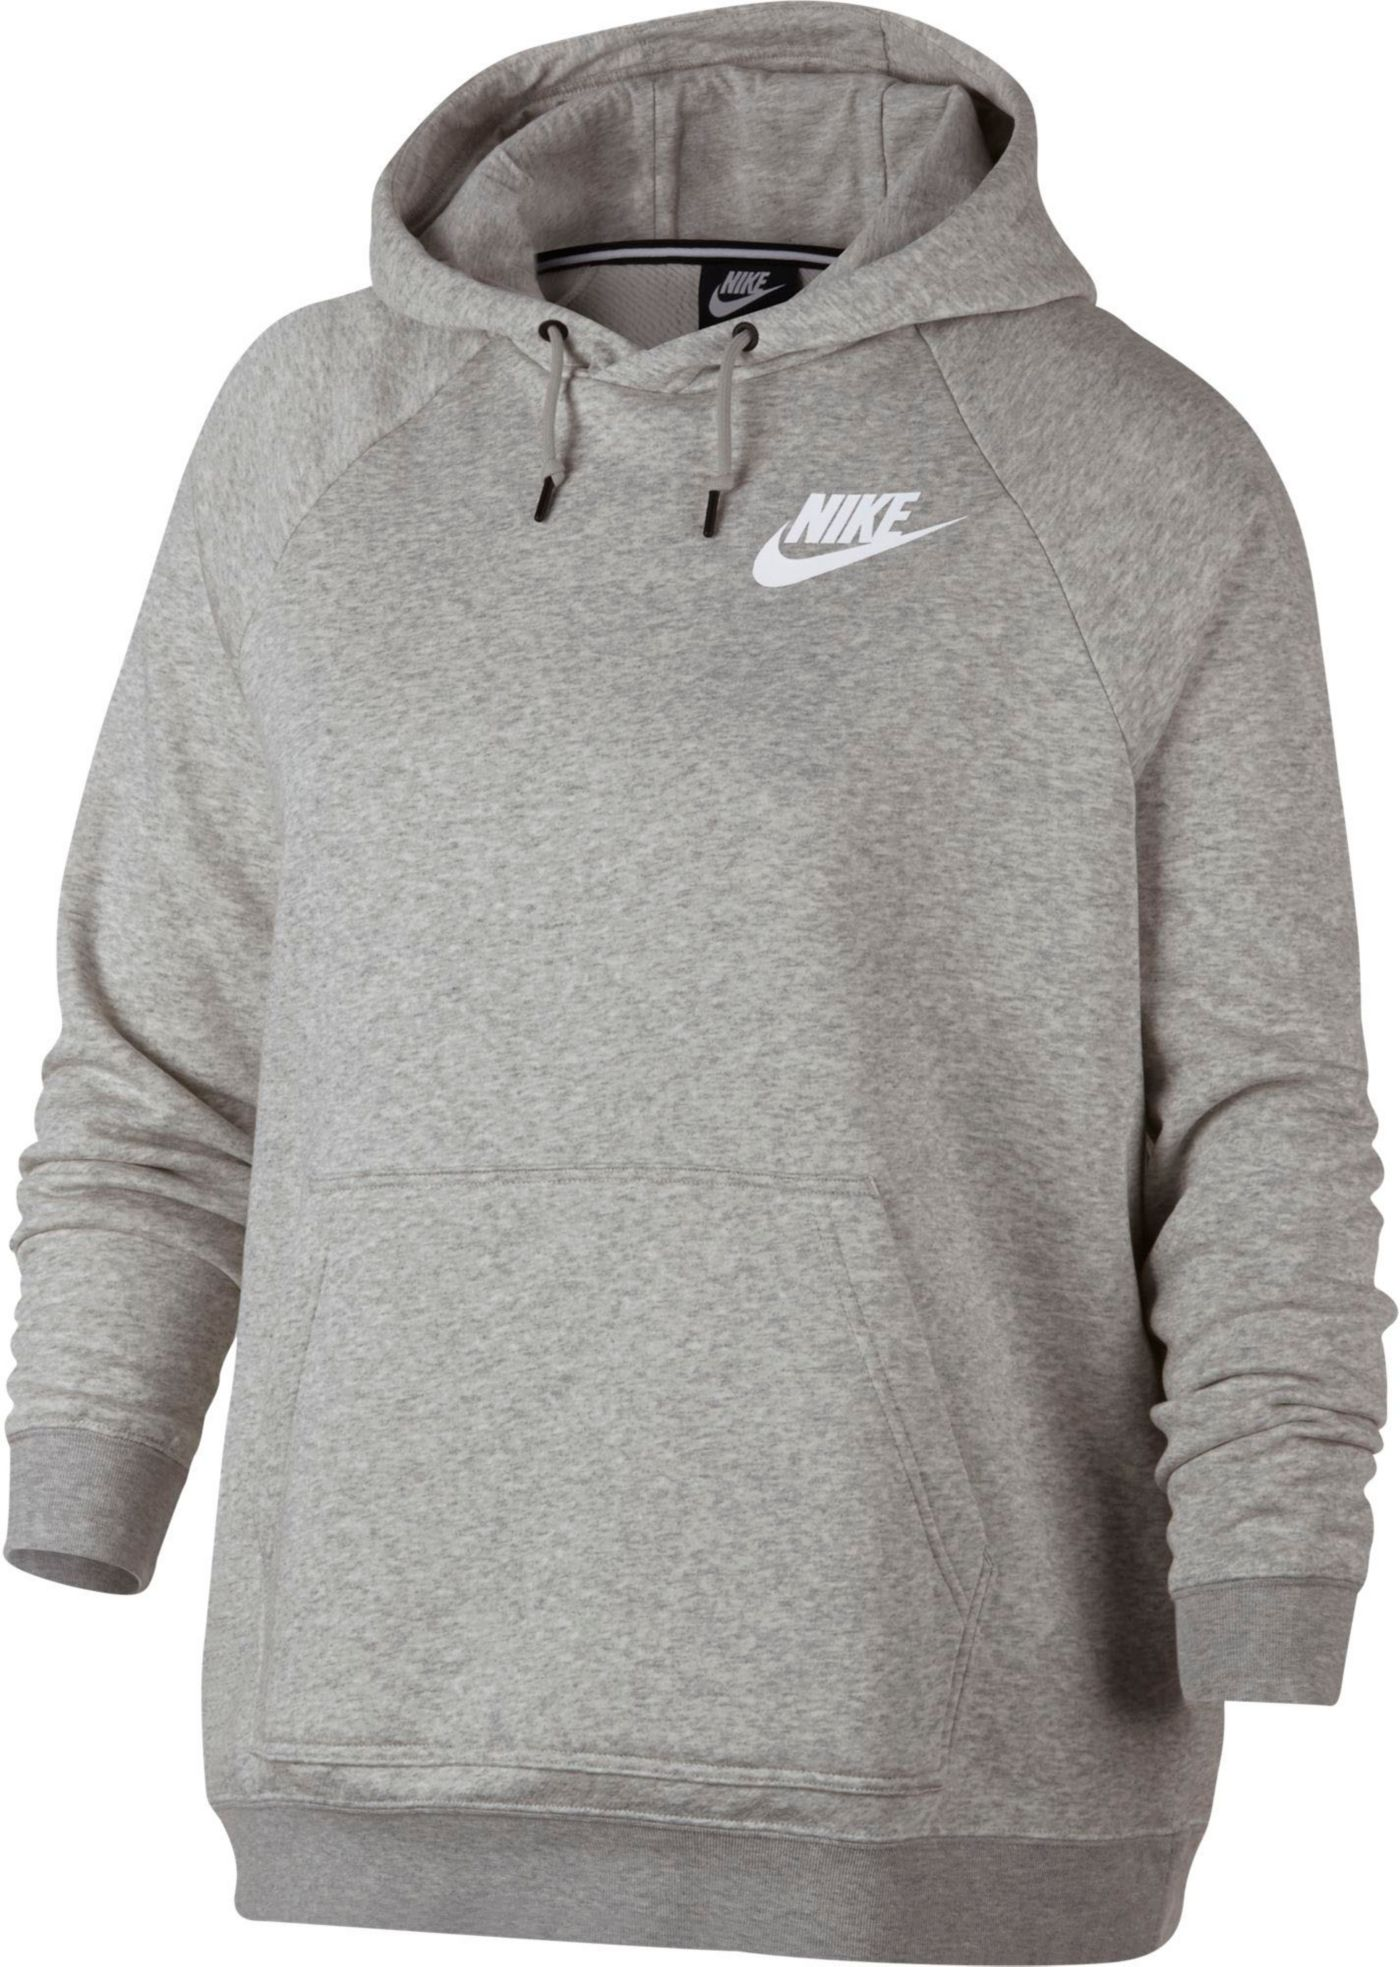 Nike Women's Plus Size Sportswear Rally Hoodie